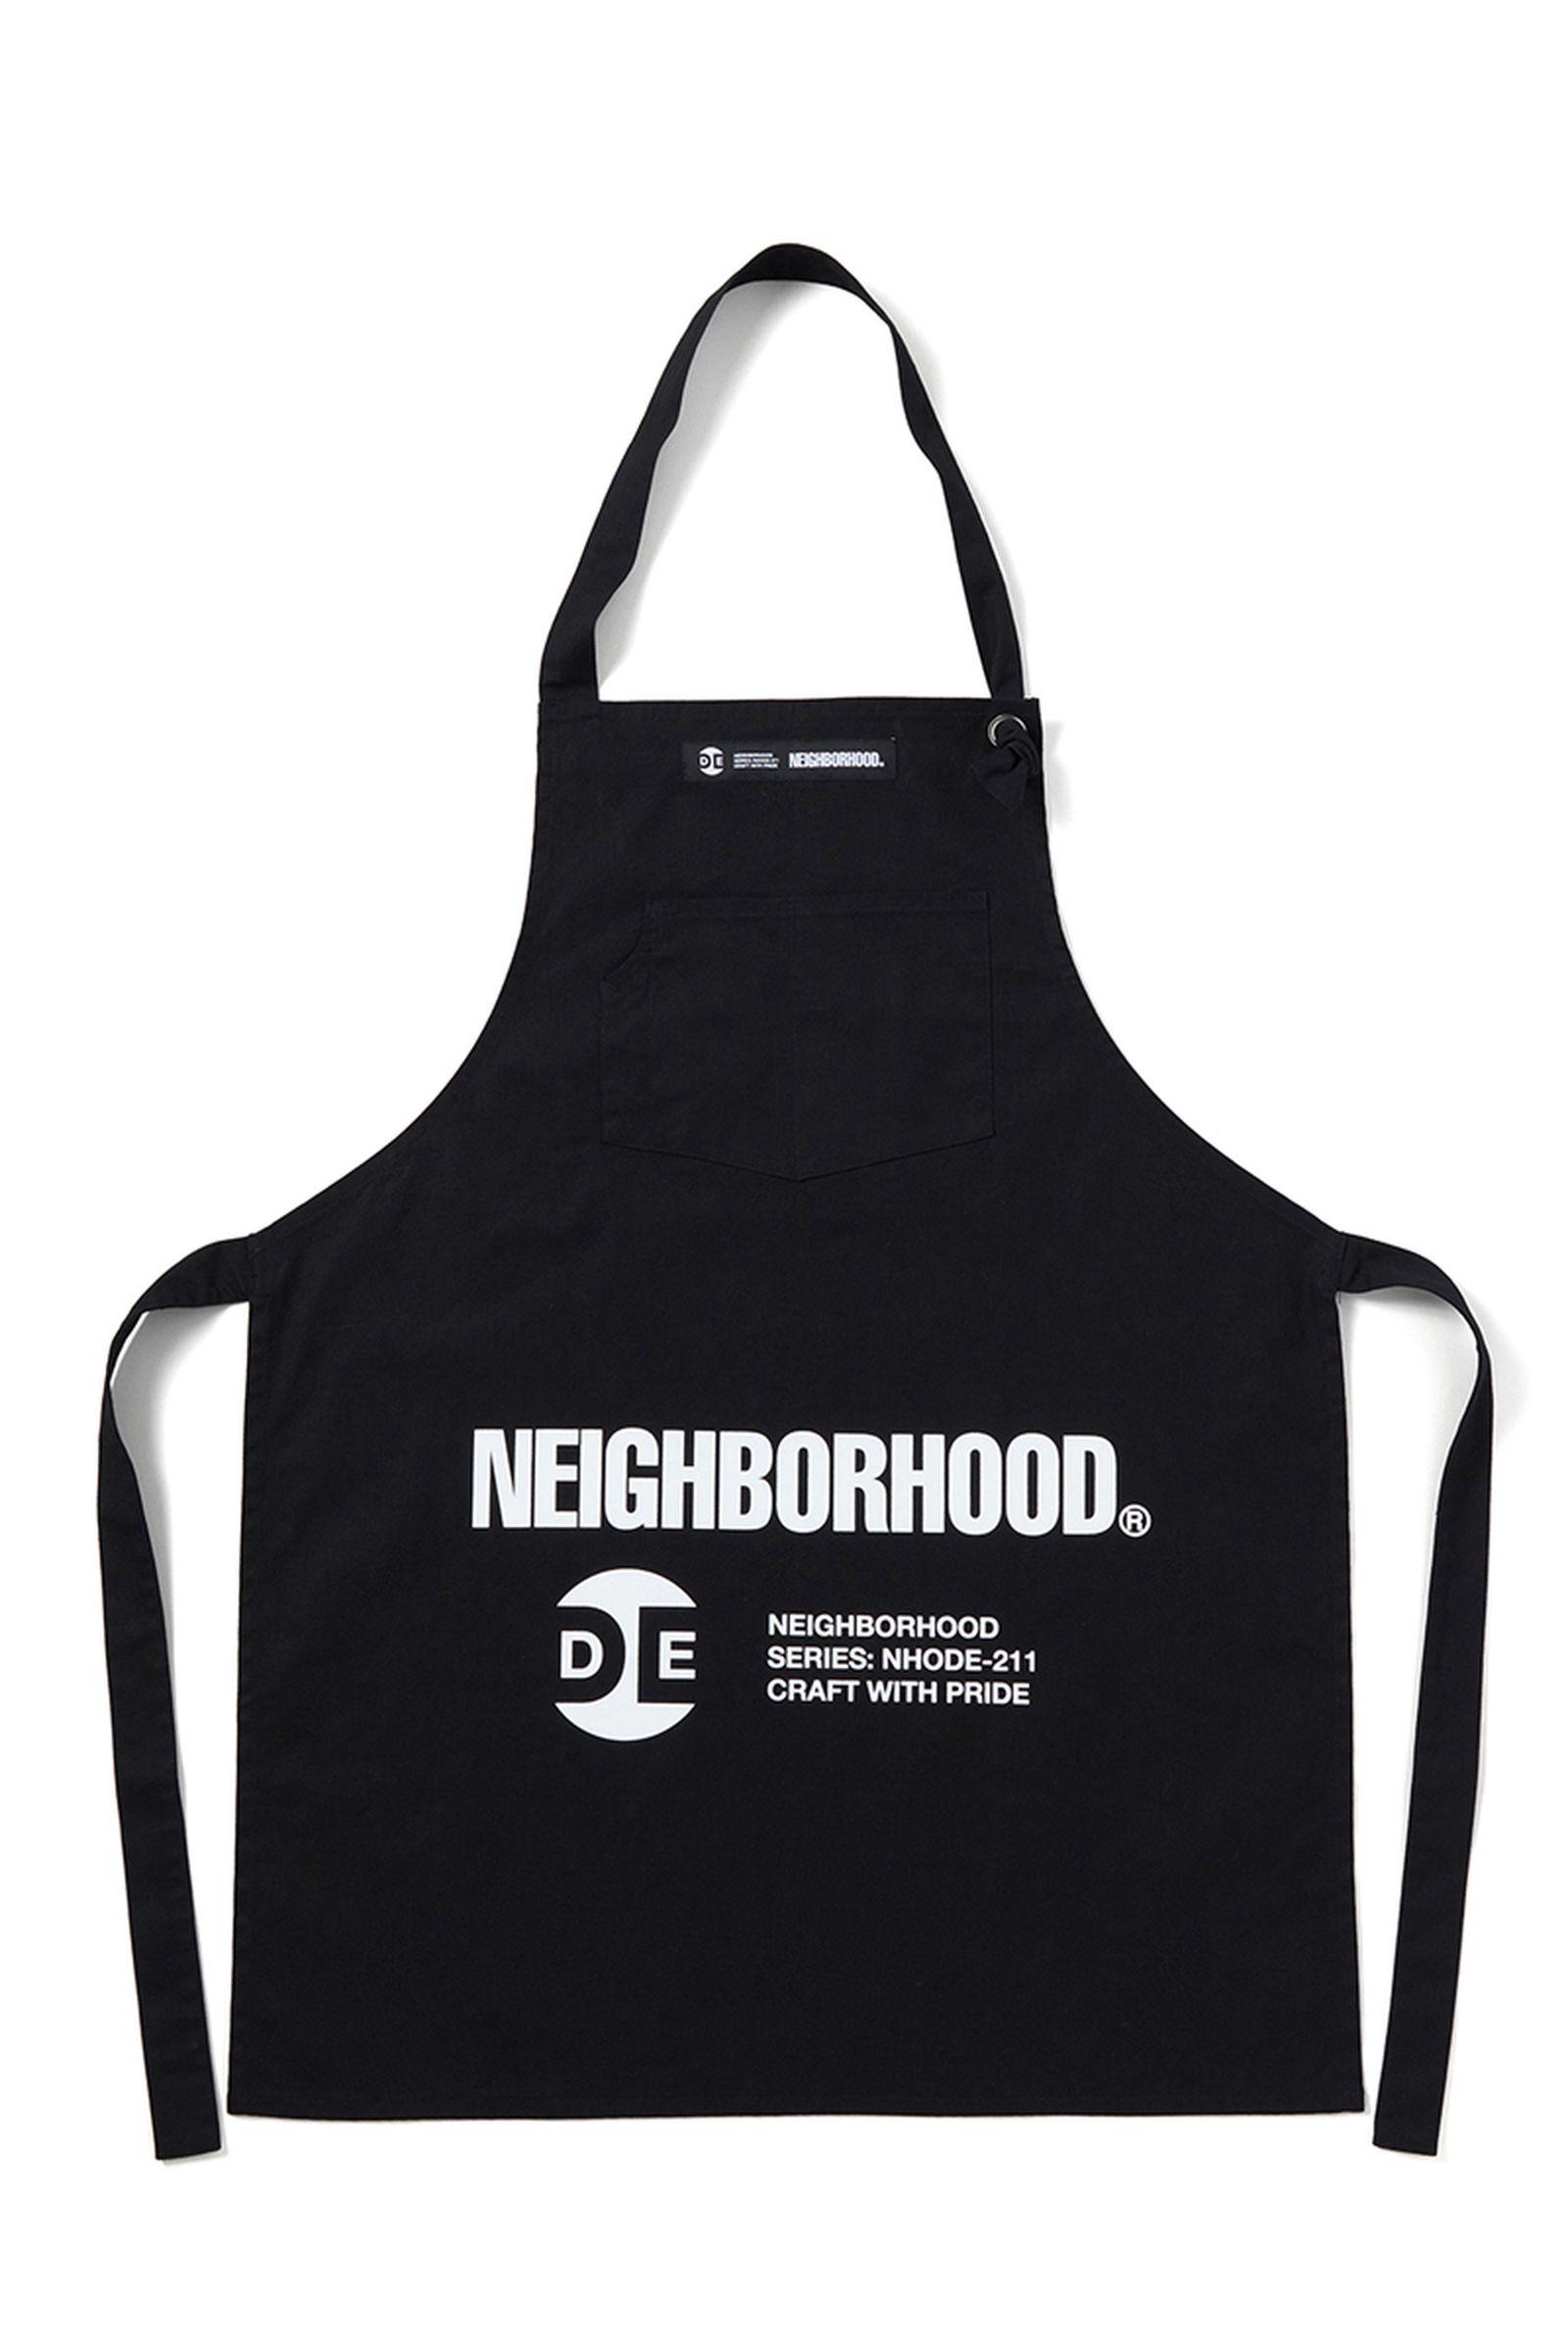 neighborhood-abu-garcia-fishing-camping-gear- (20)